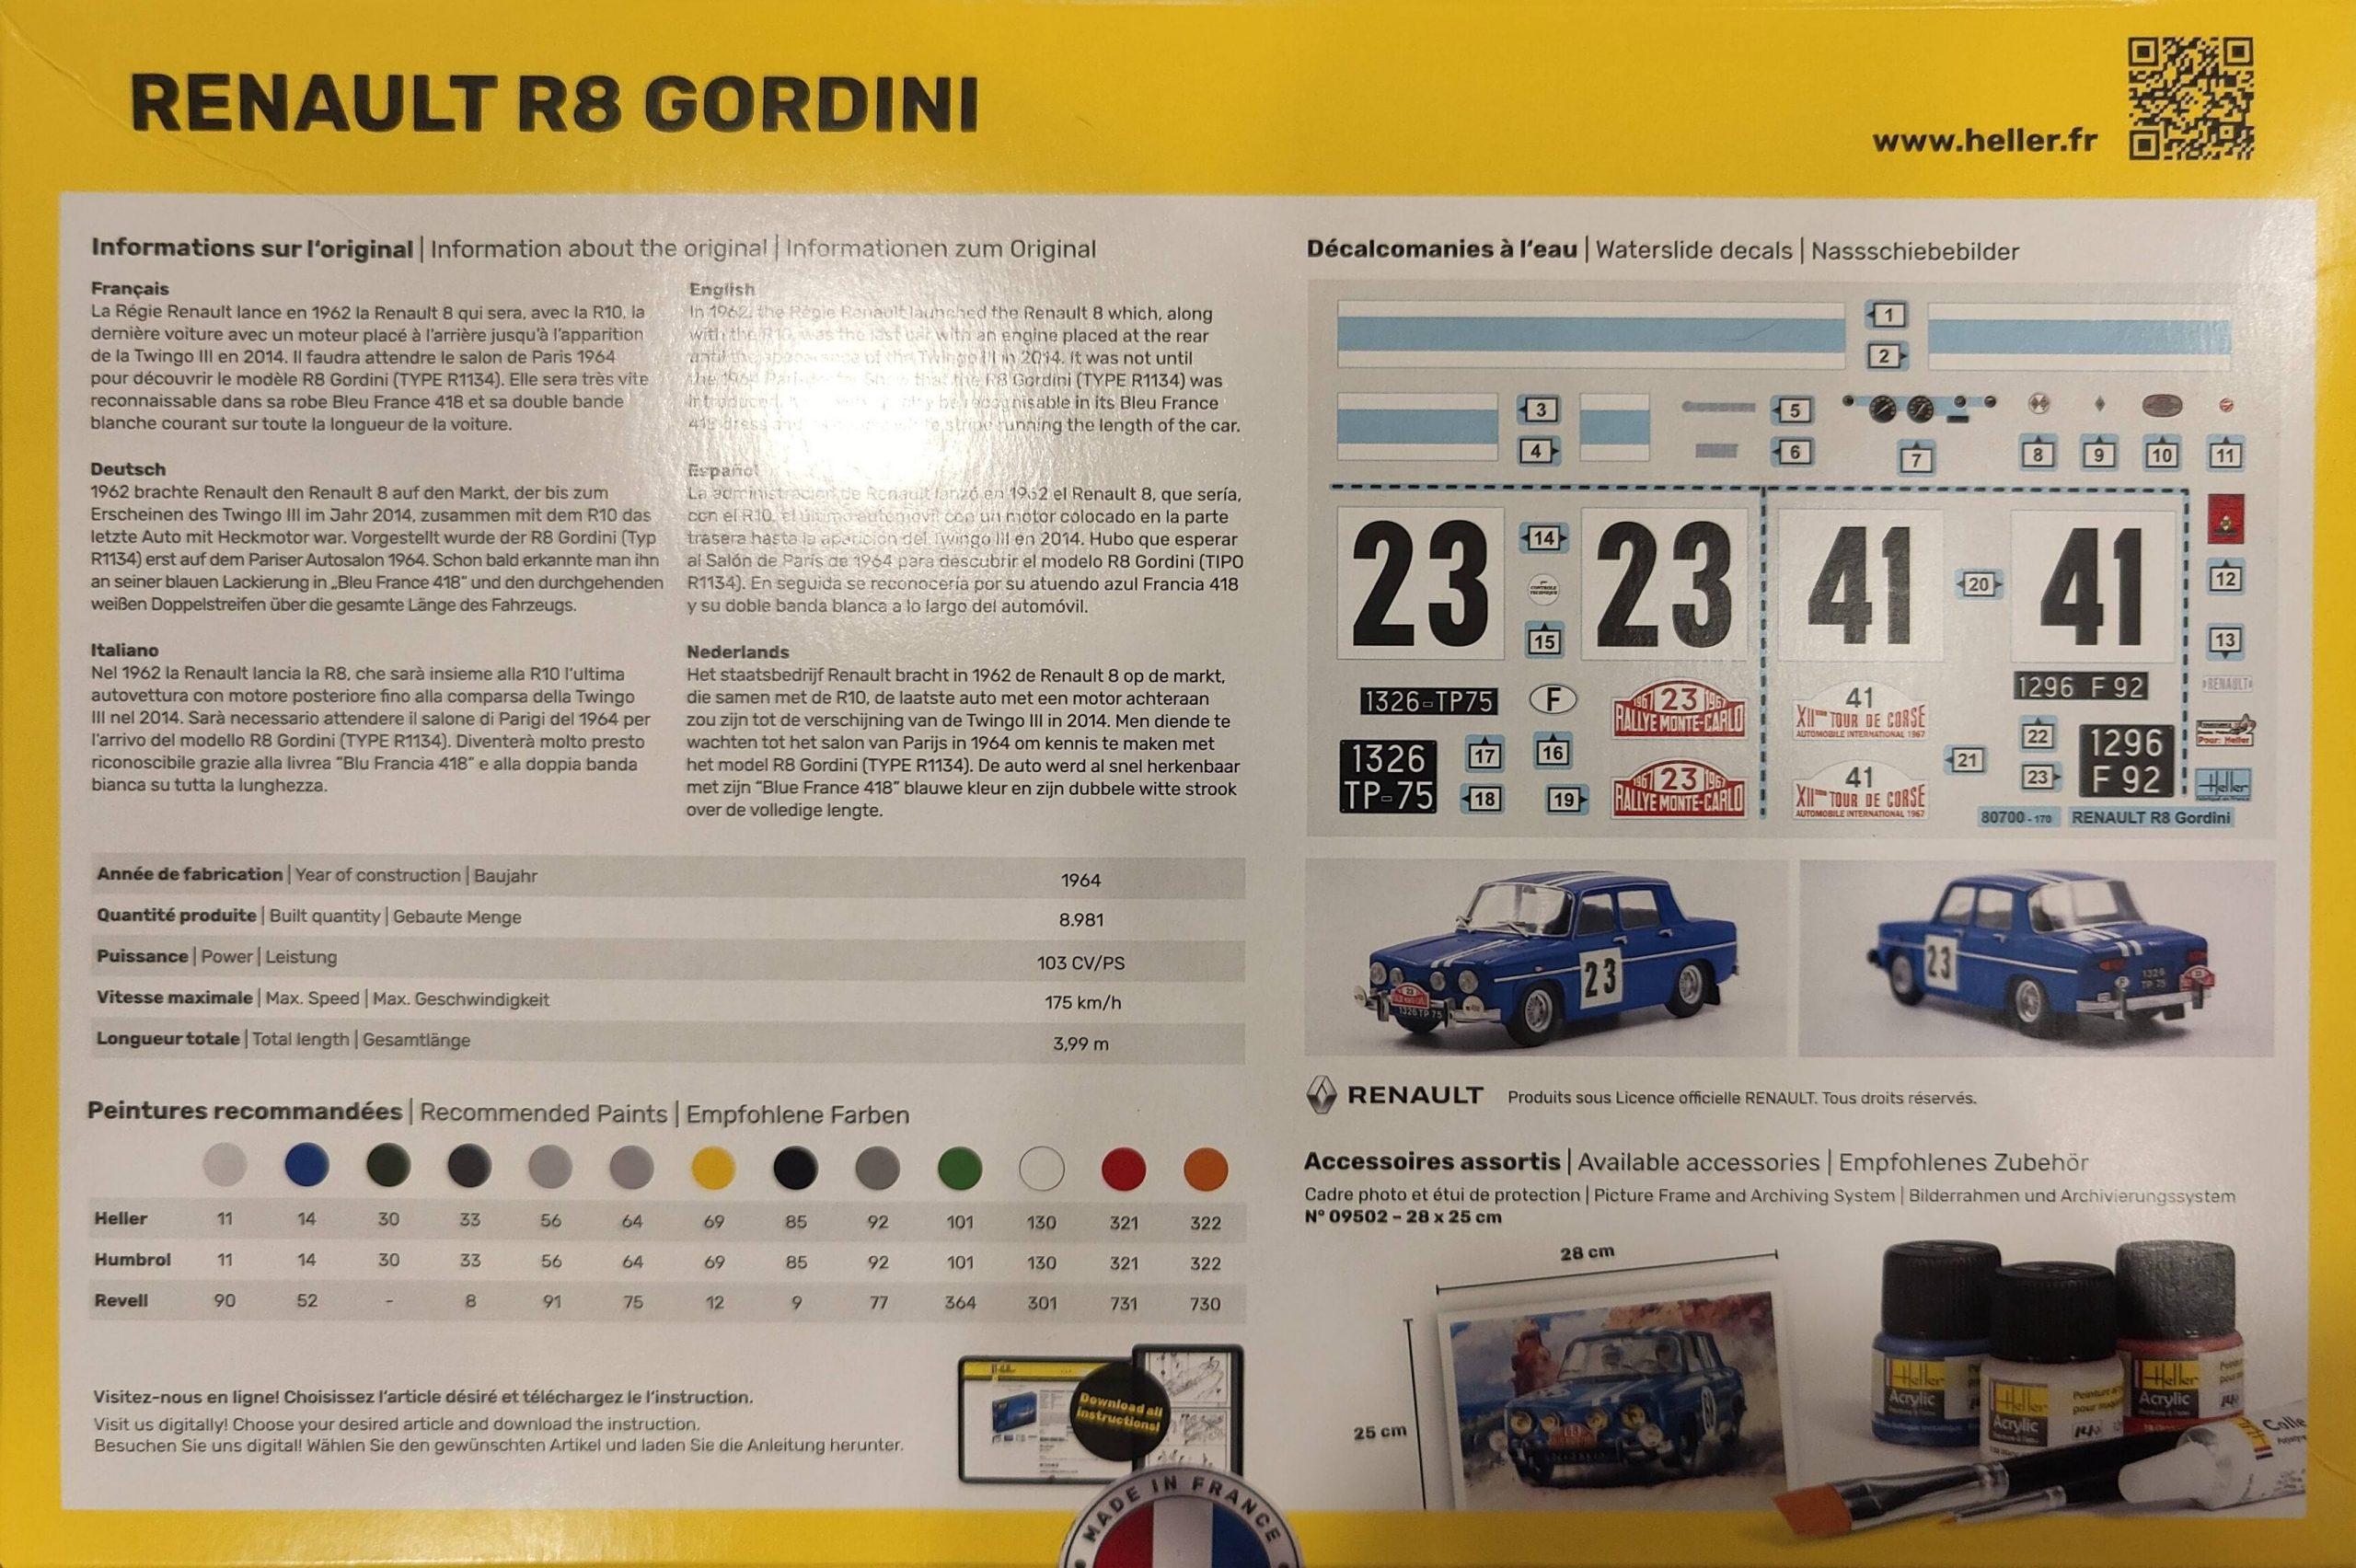 heller_R8_gordini02-scaled Renault R8 Gordini von Heller in 1:24